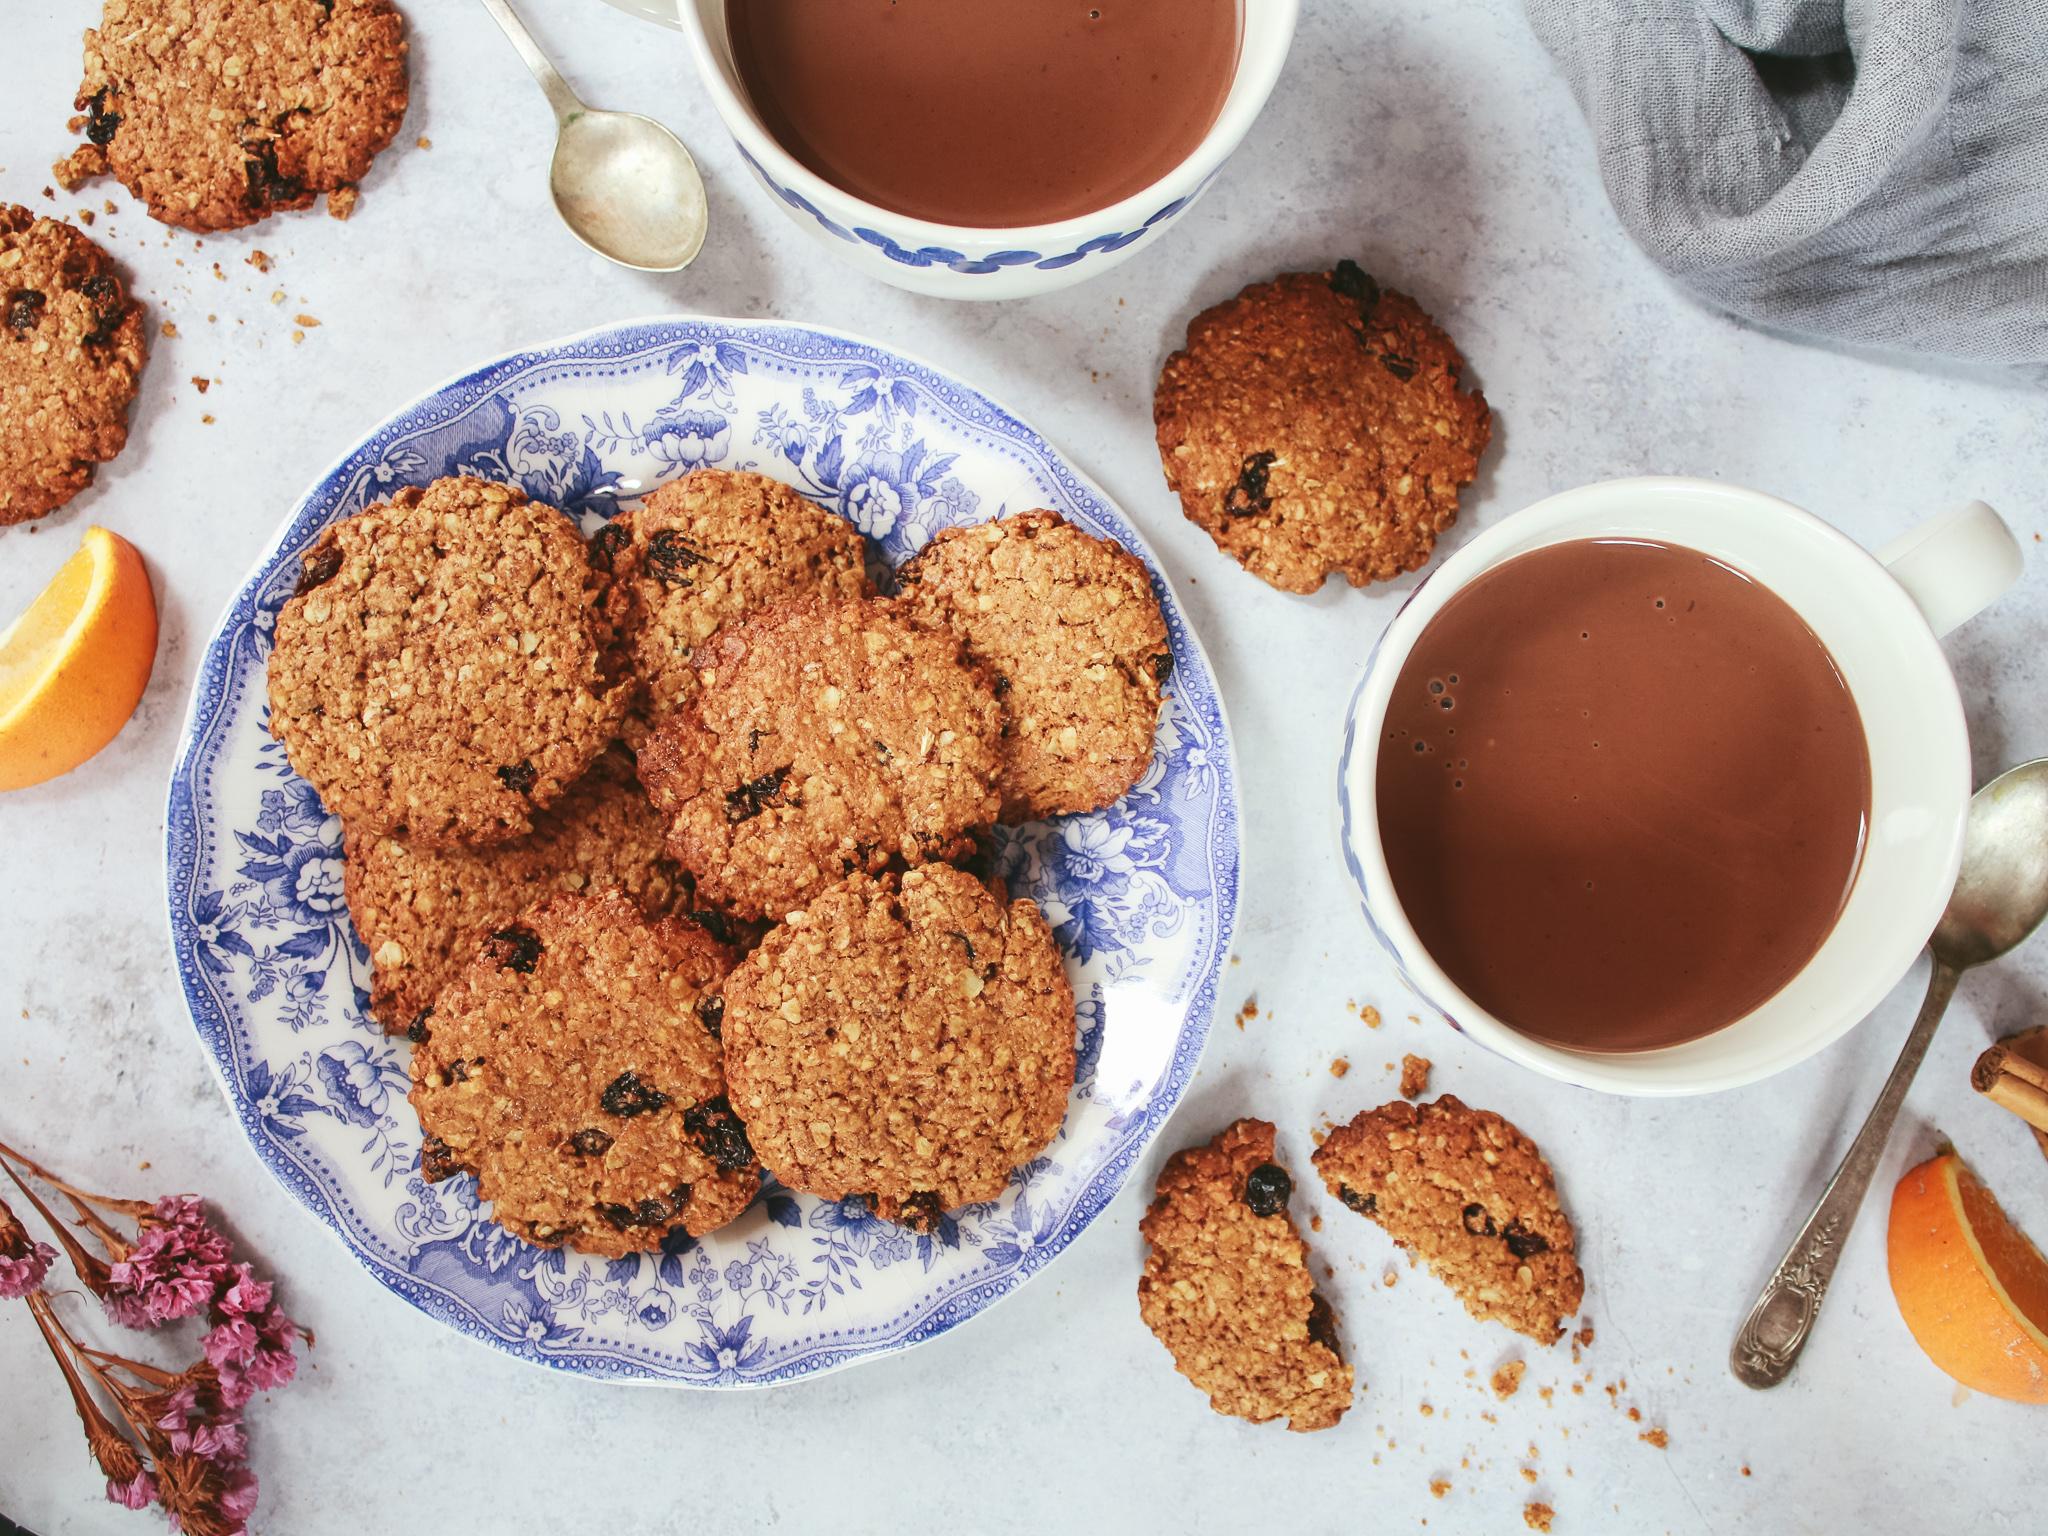 Galletas cookies de pasas con canela y naranja